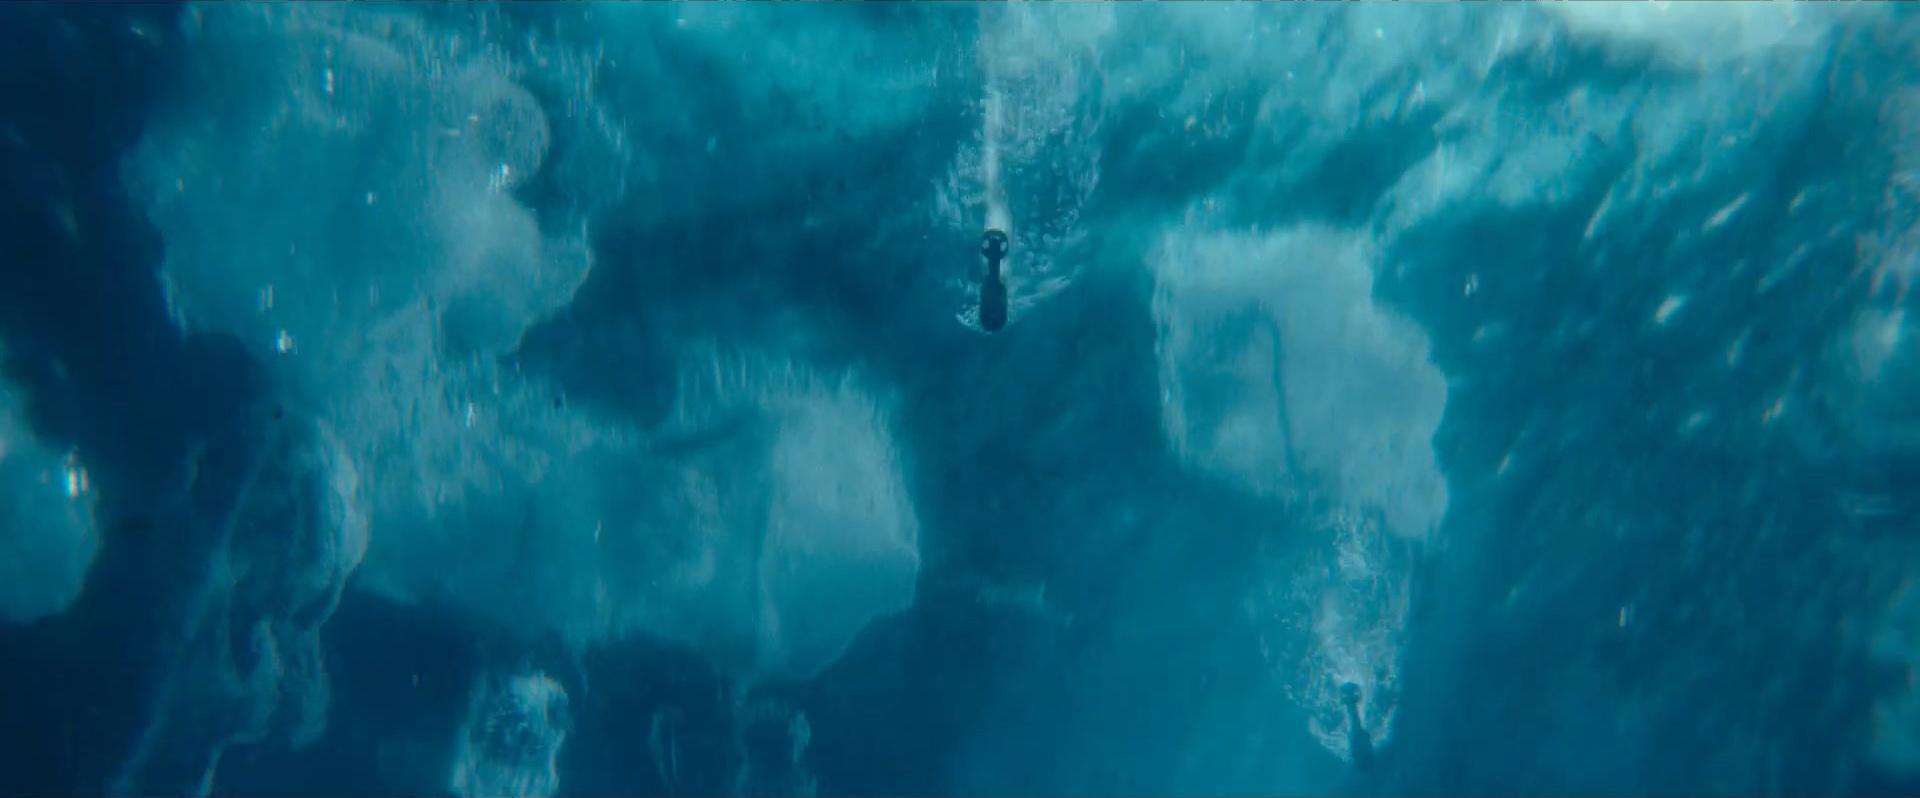 Godzilla vs Kong Trailer Still 44 - Nukes